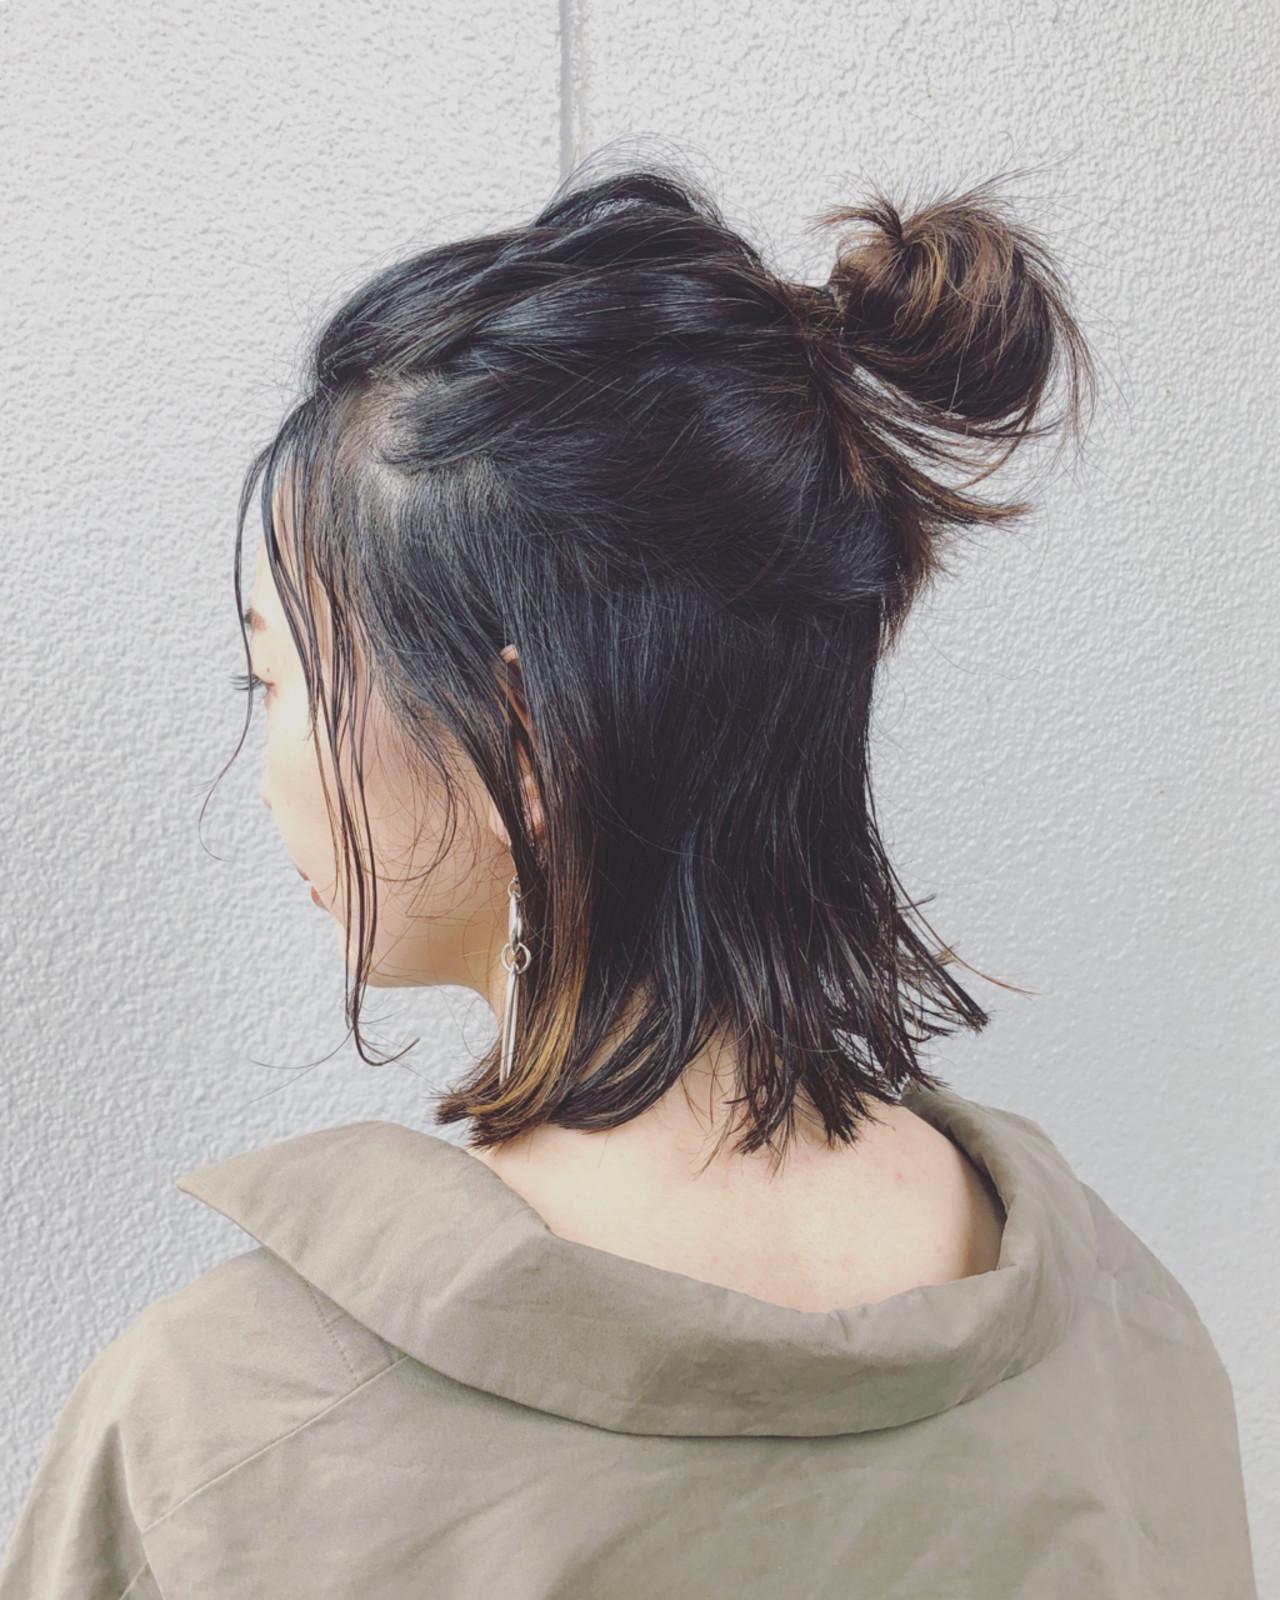 カジュアル好きに!束感アリのお団子ハーフアップ 三好 佳奈美